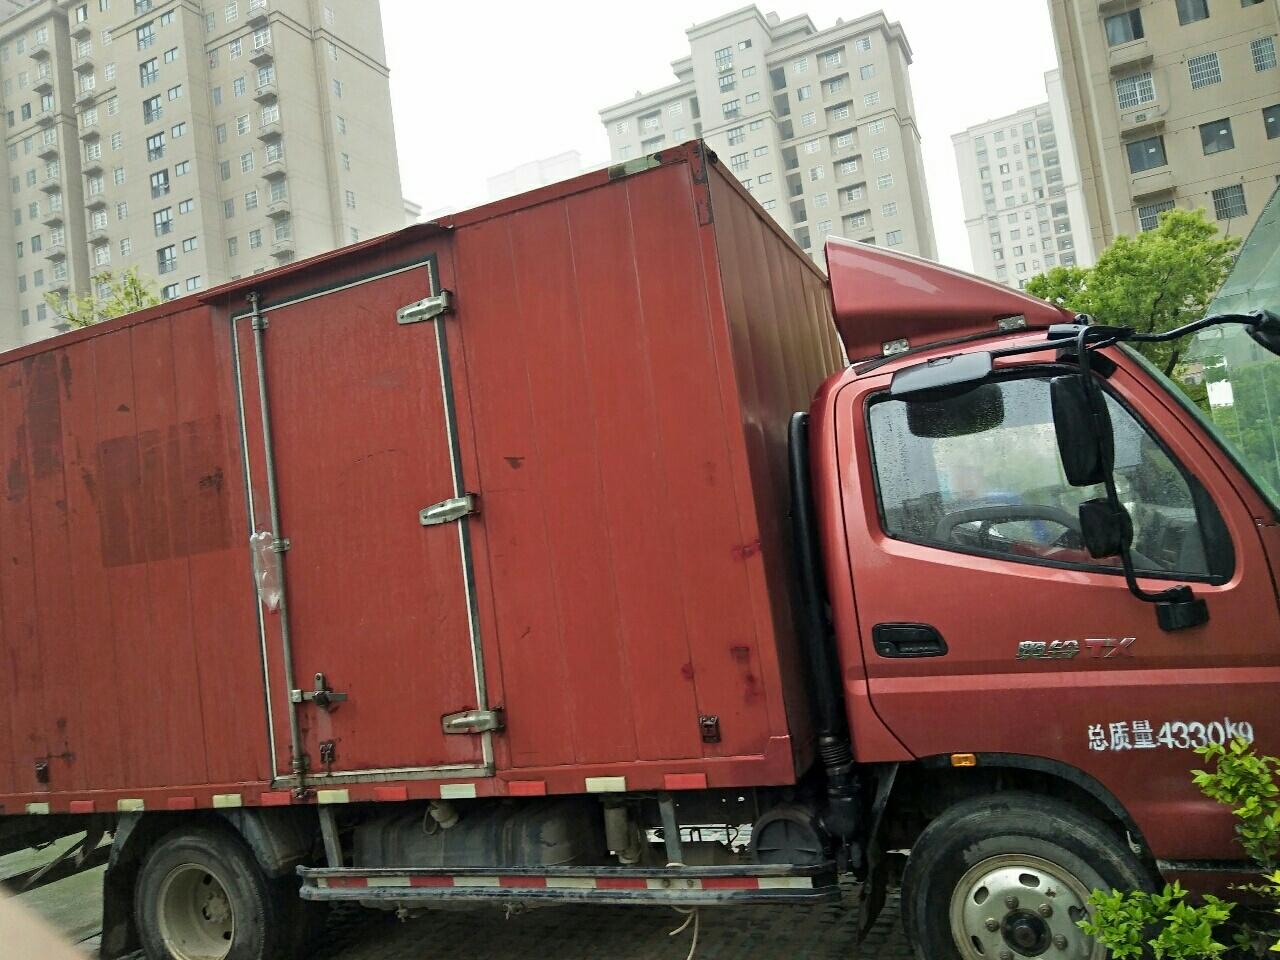 4.2米箱式货车